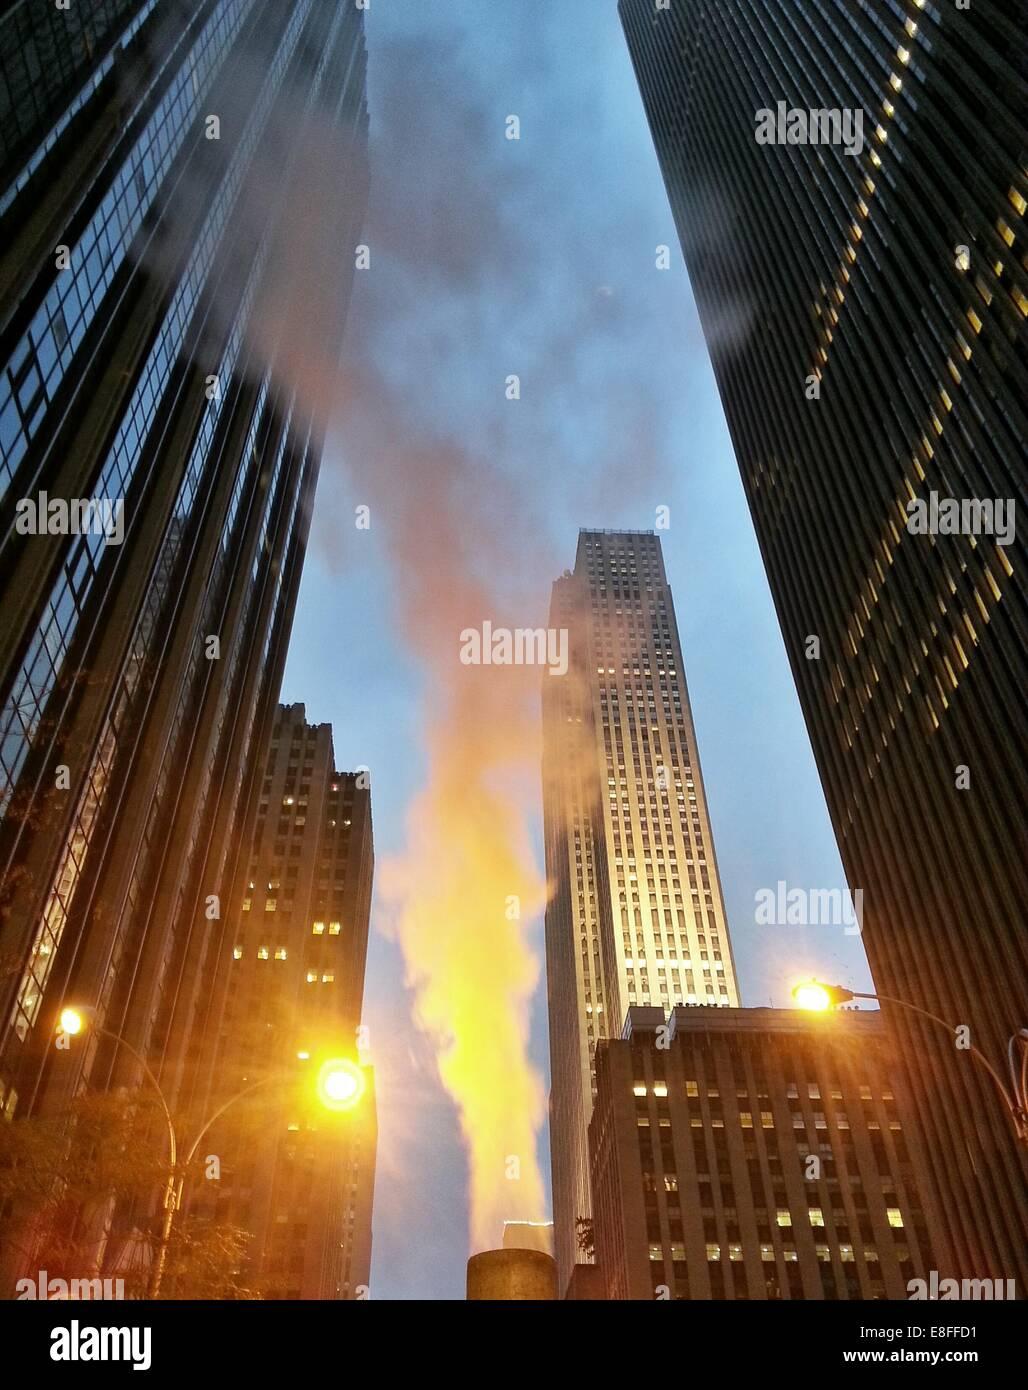 Stati Uniti d'America, nello Stato di New York, New York City, vapore in aumento a Rockefeller Center Immagini Stock